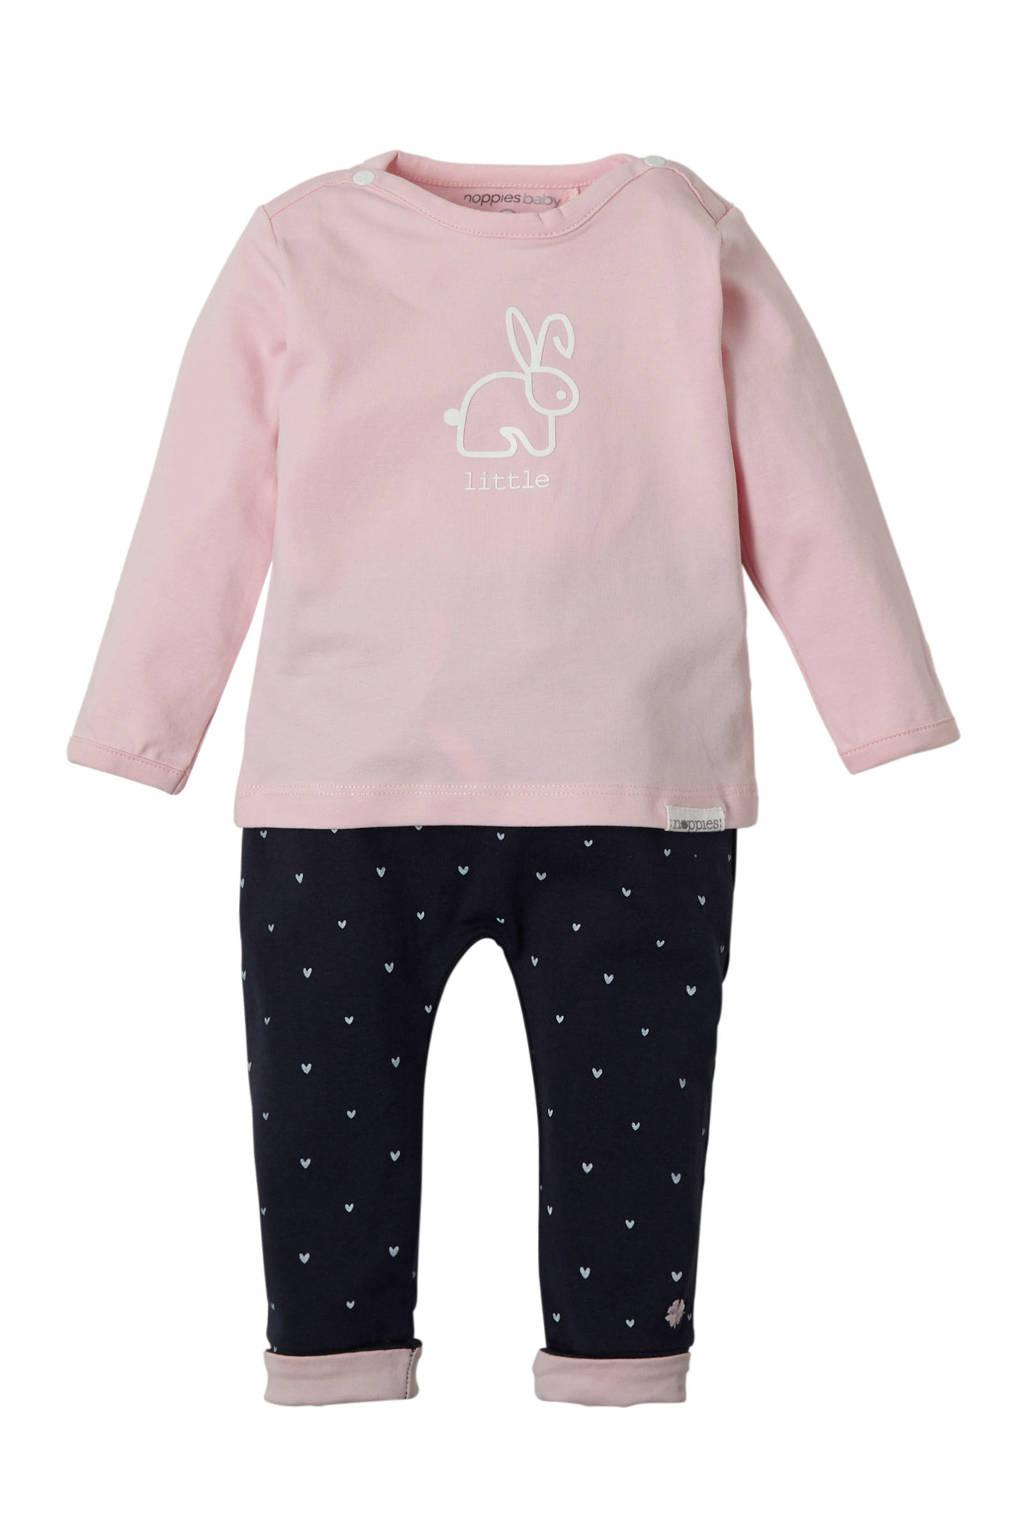 Noppies newborn baby jersey broek Fecan in giftbox, Roze/ marine/ wit